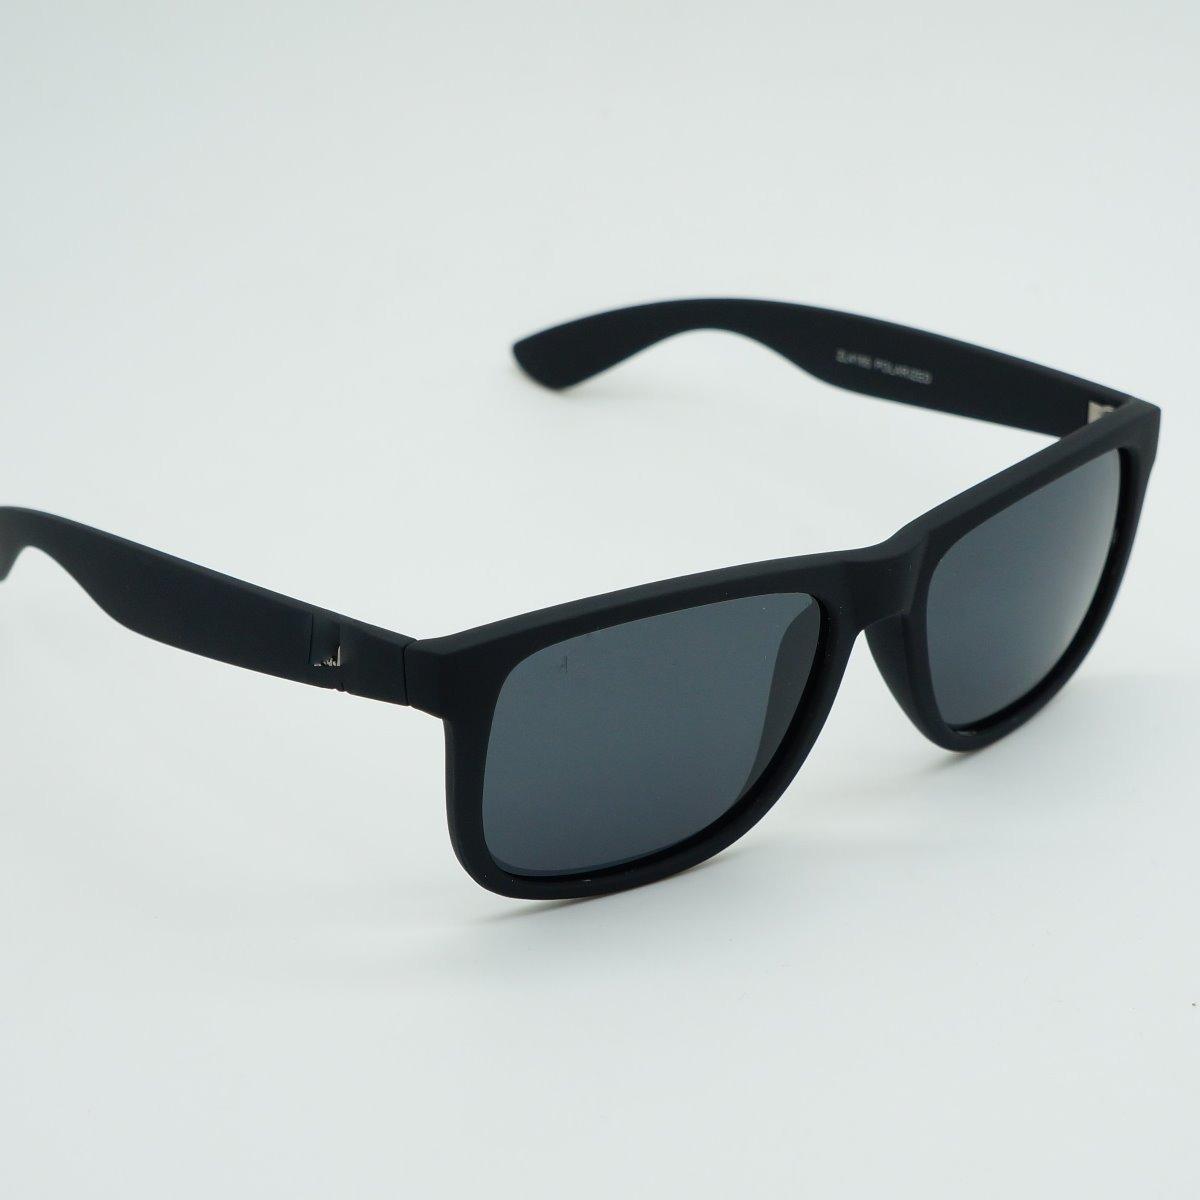 oculos de sol masculino just quadrado preto barato acetato. Carregando zoom. 425301b04a